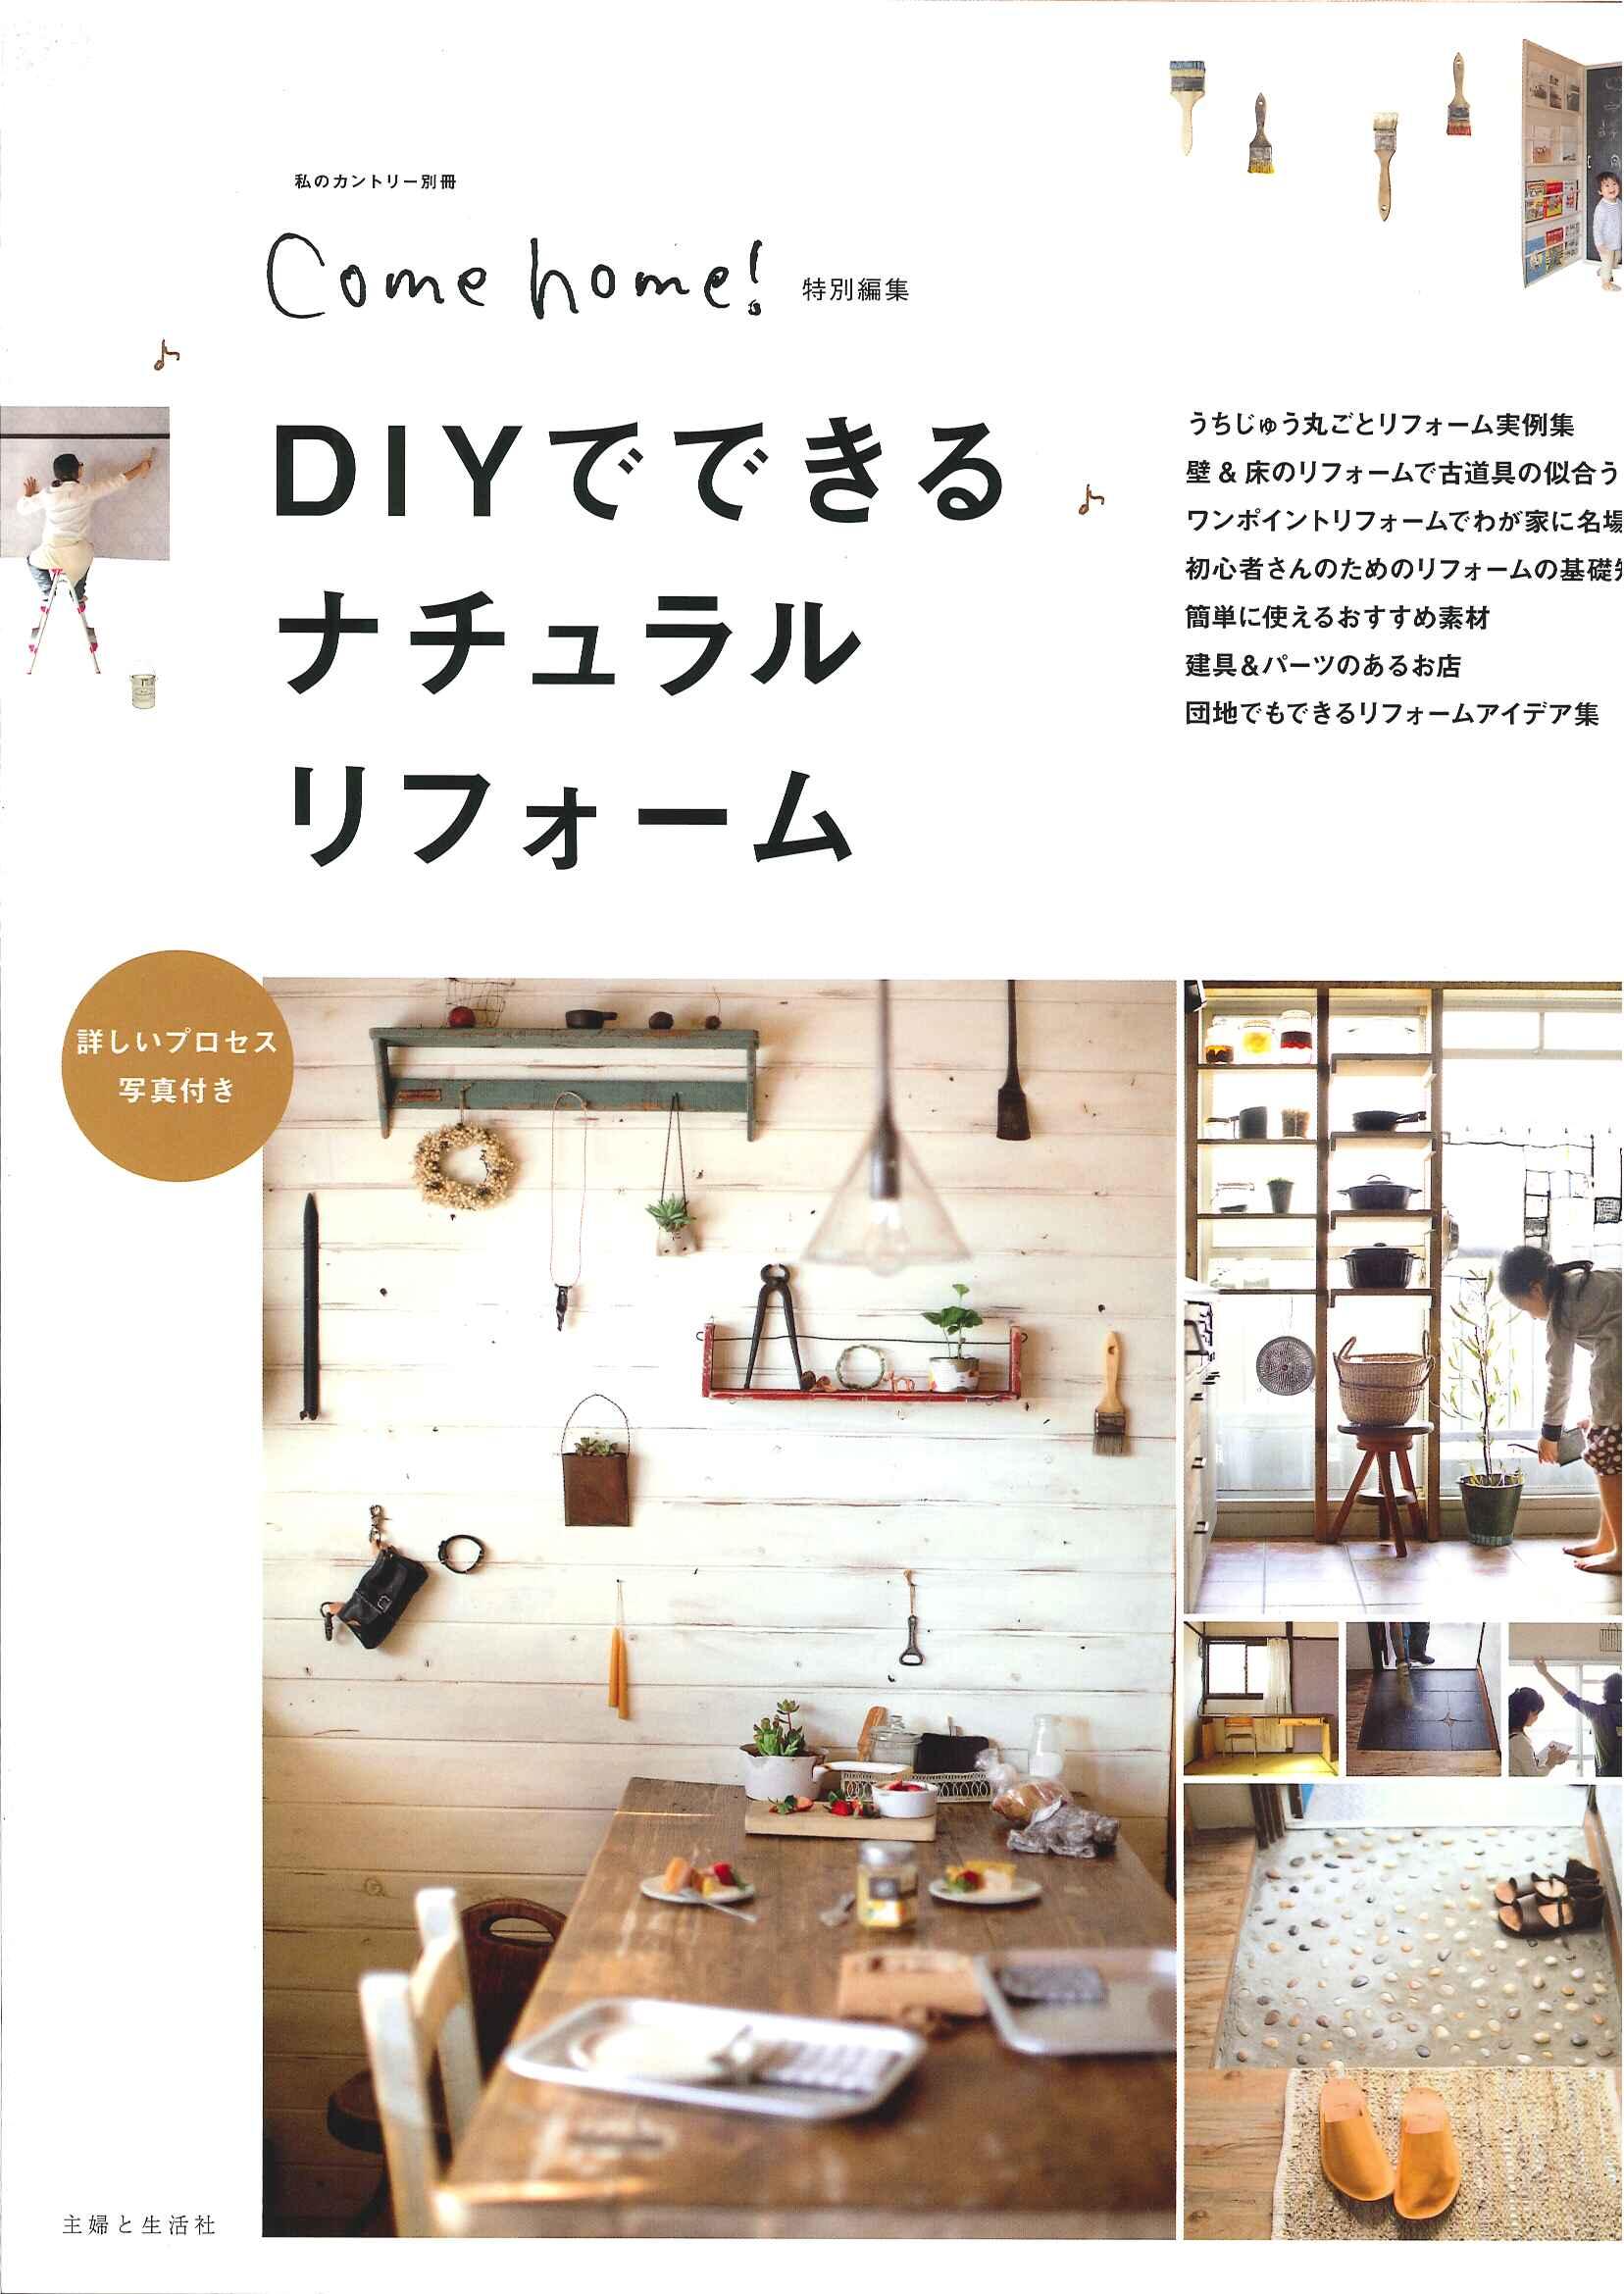 DIY-1